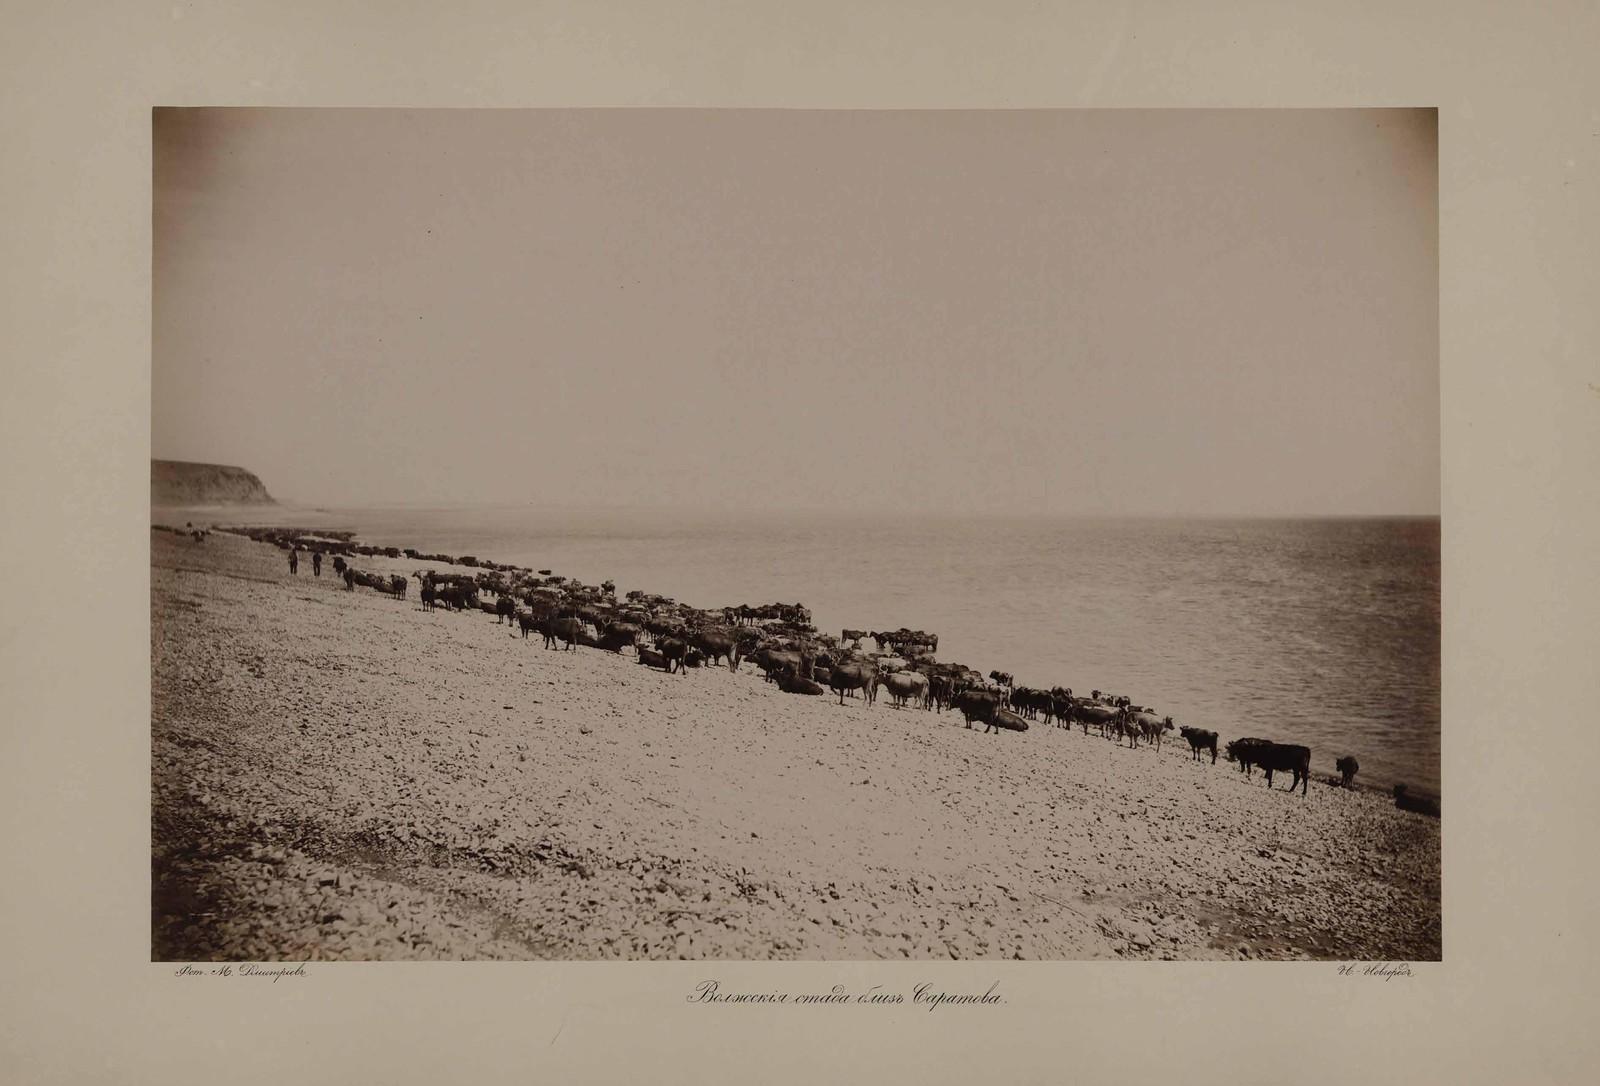 Волжские стада близ Саратова